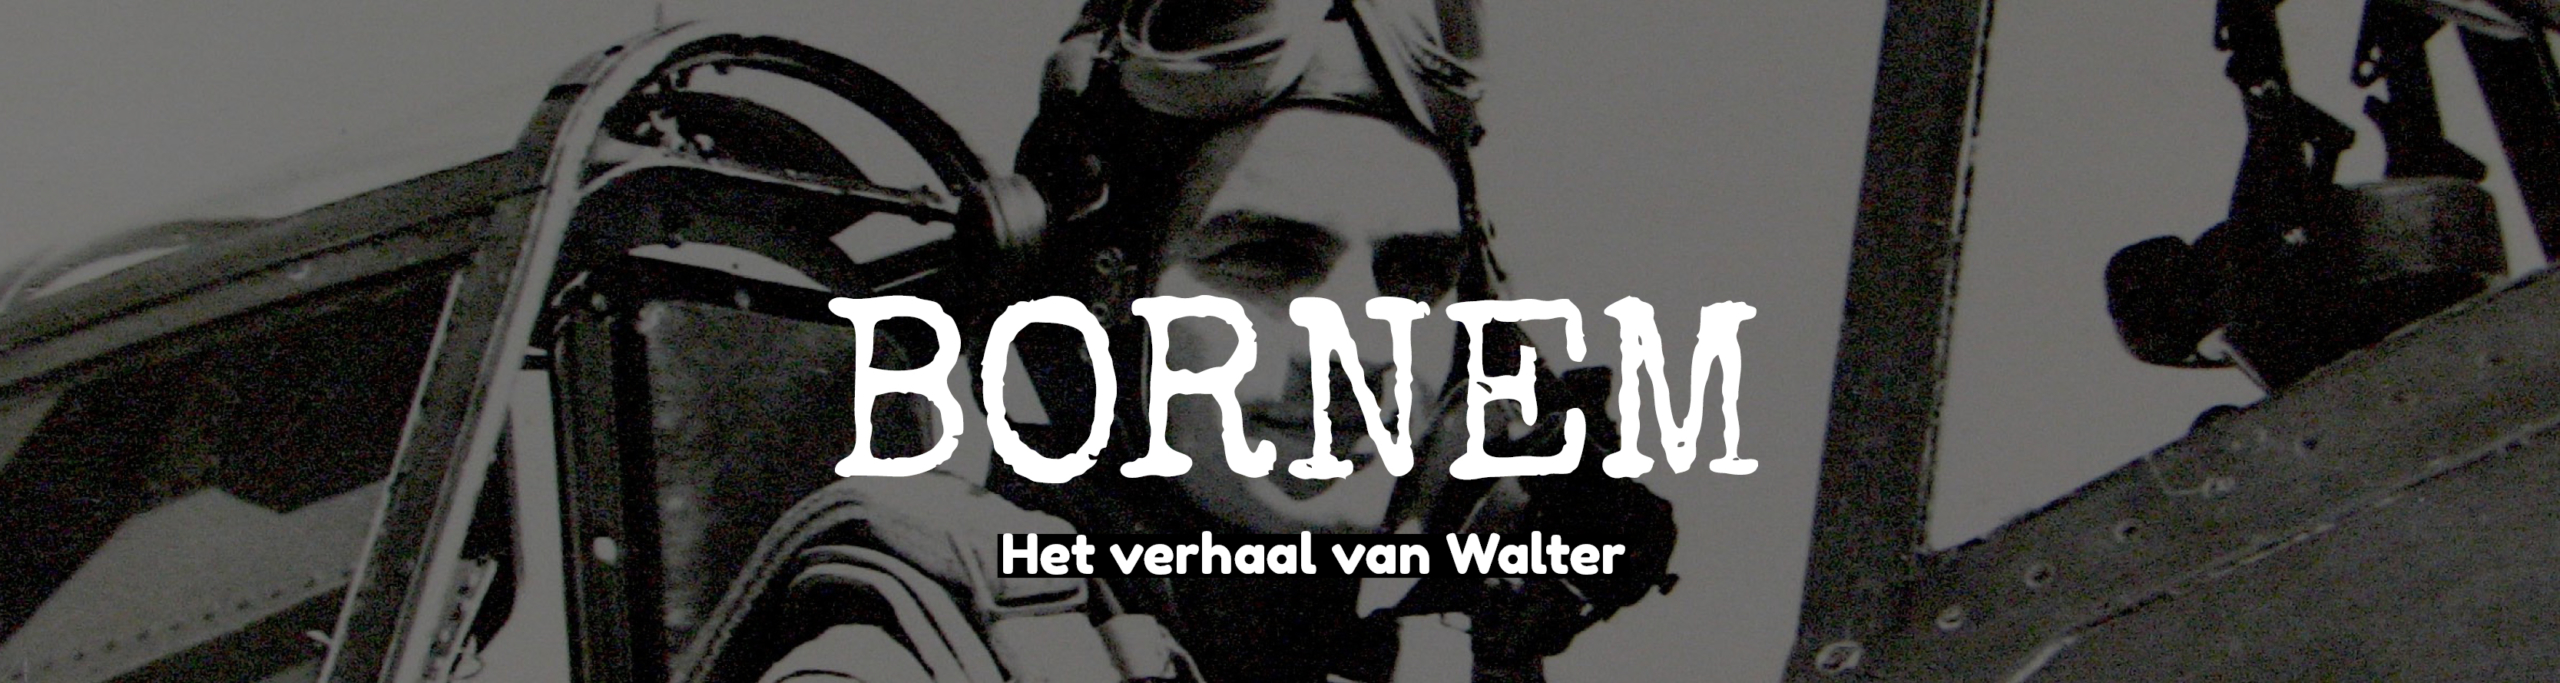 Oorlogsverhalen, het verhaal van Walter, Bornem